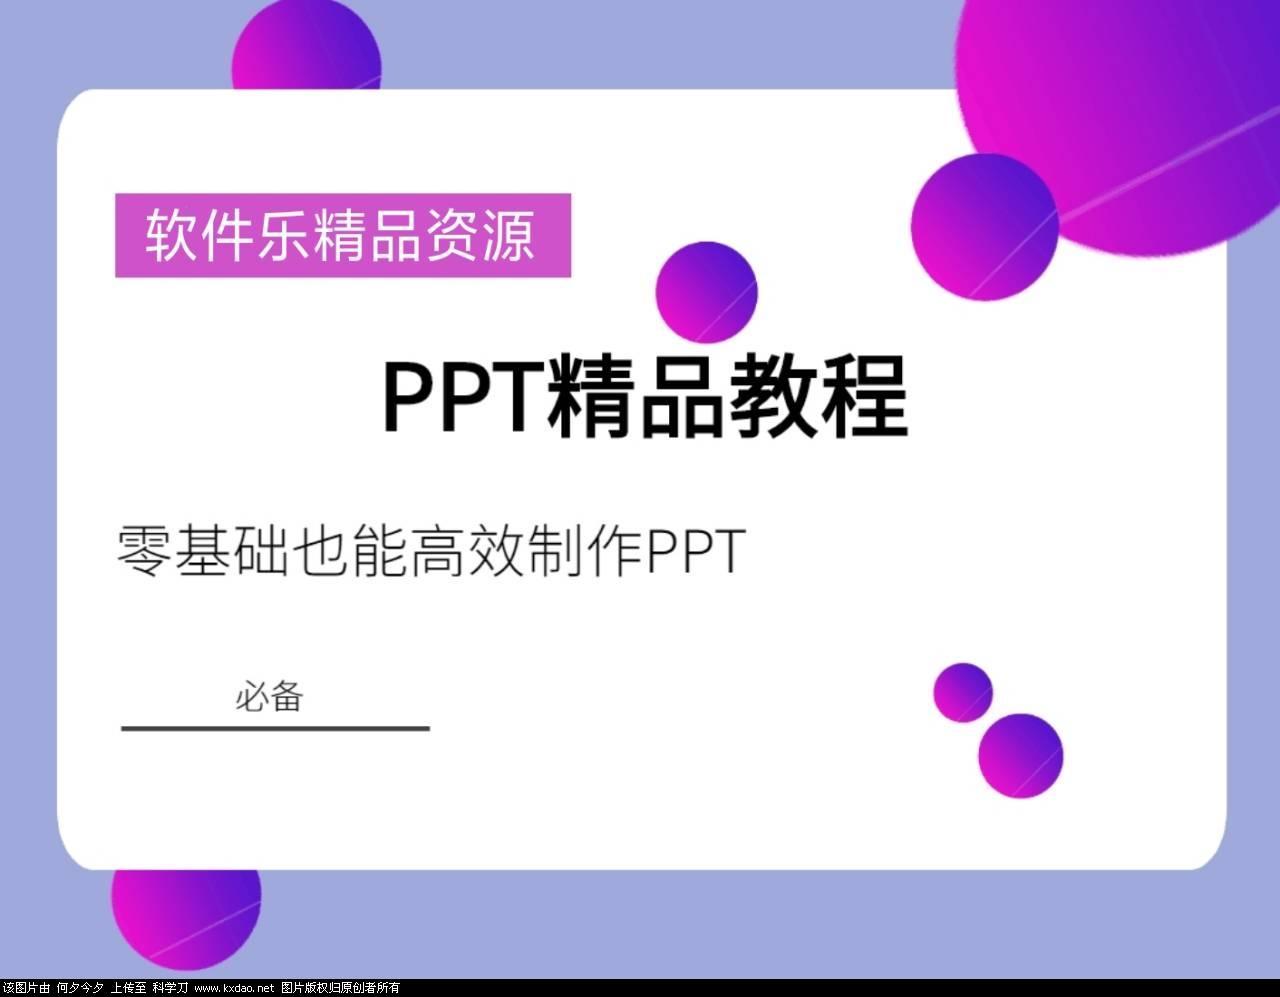 ppt教程資料252節課